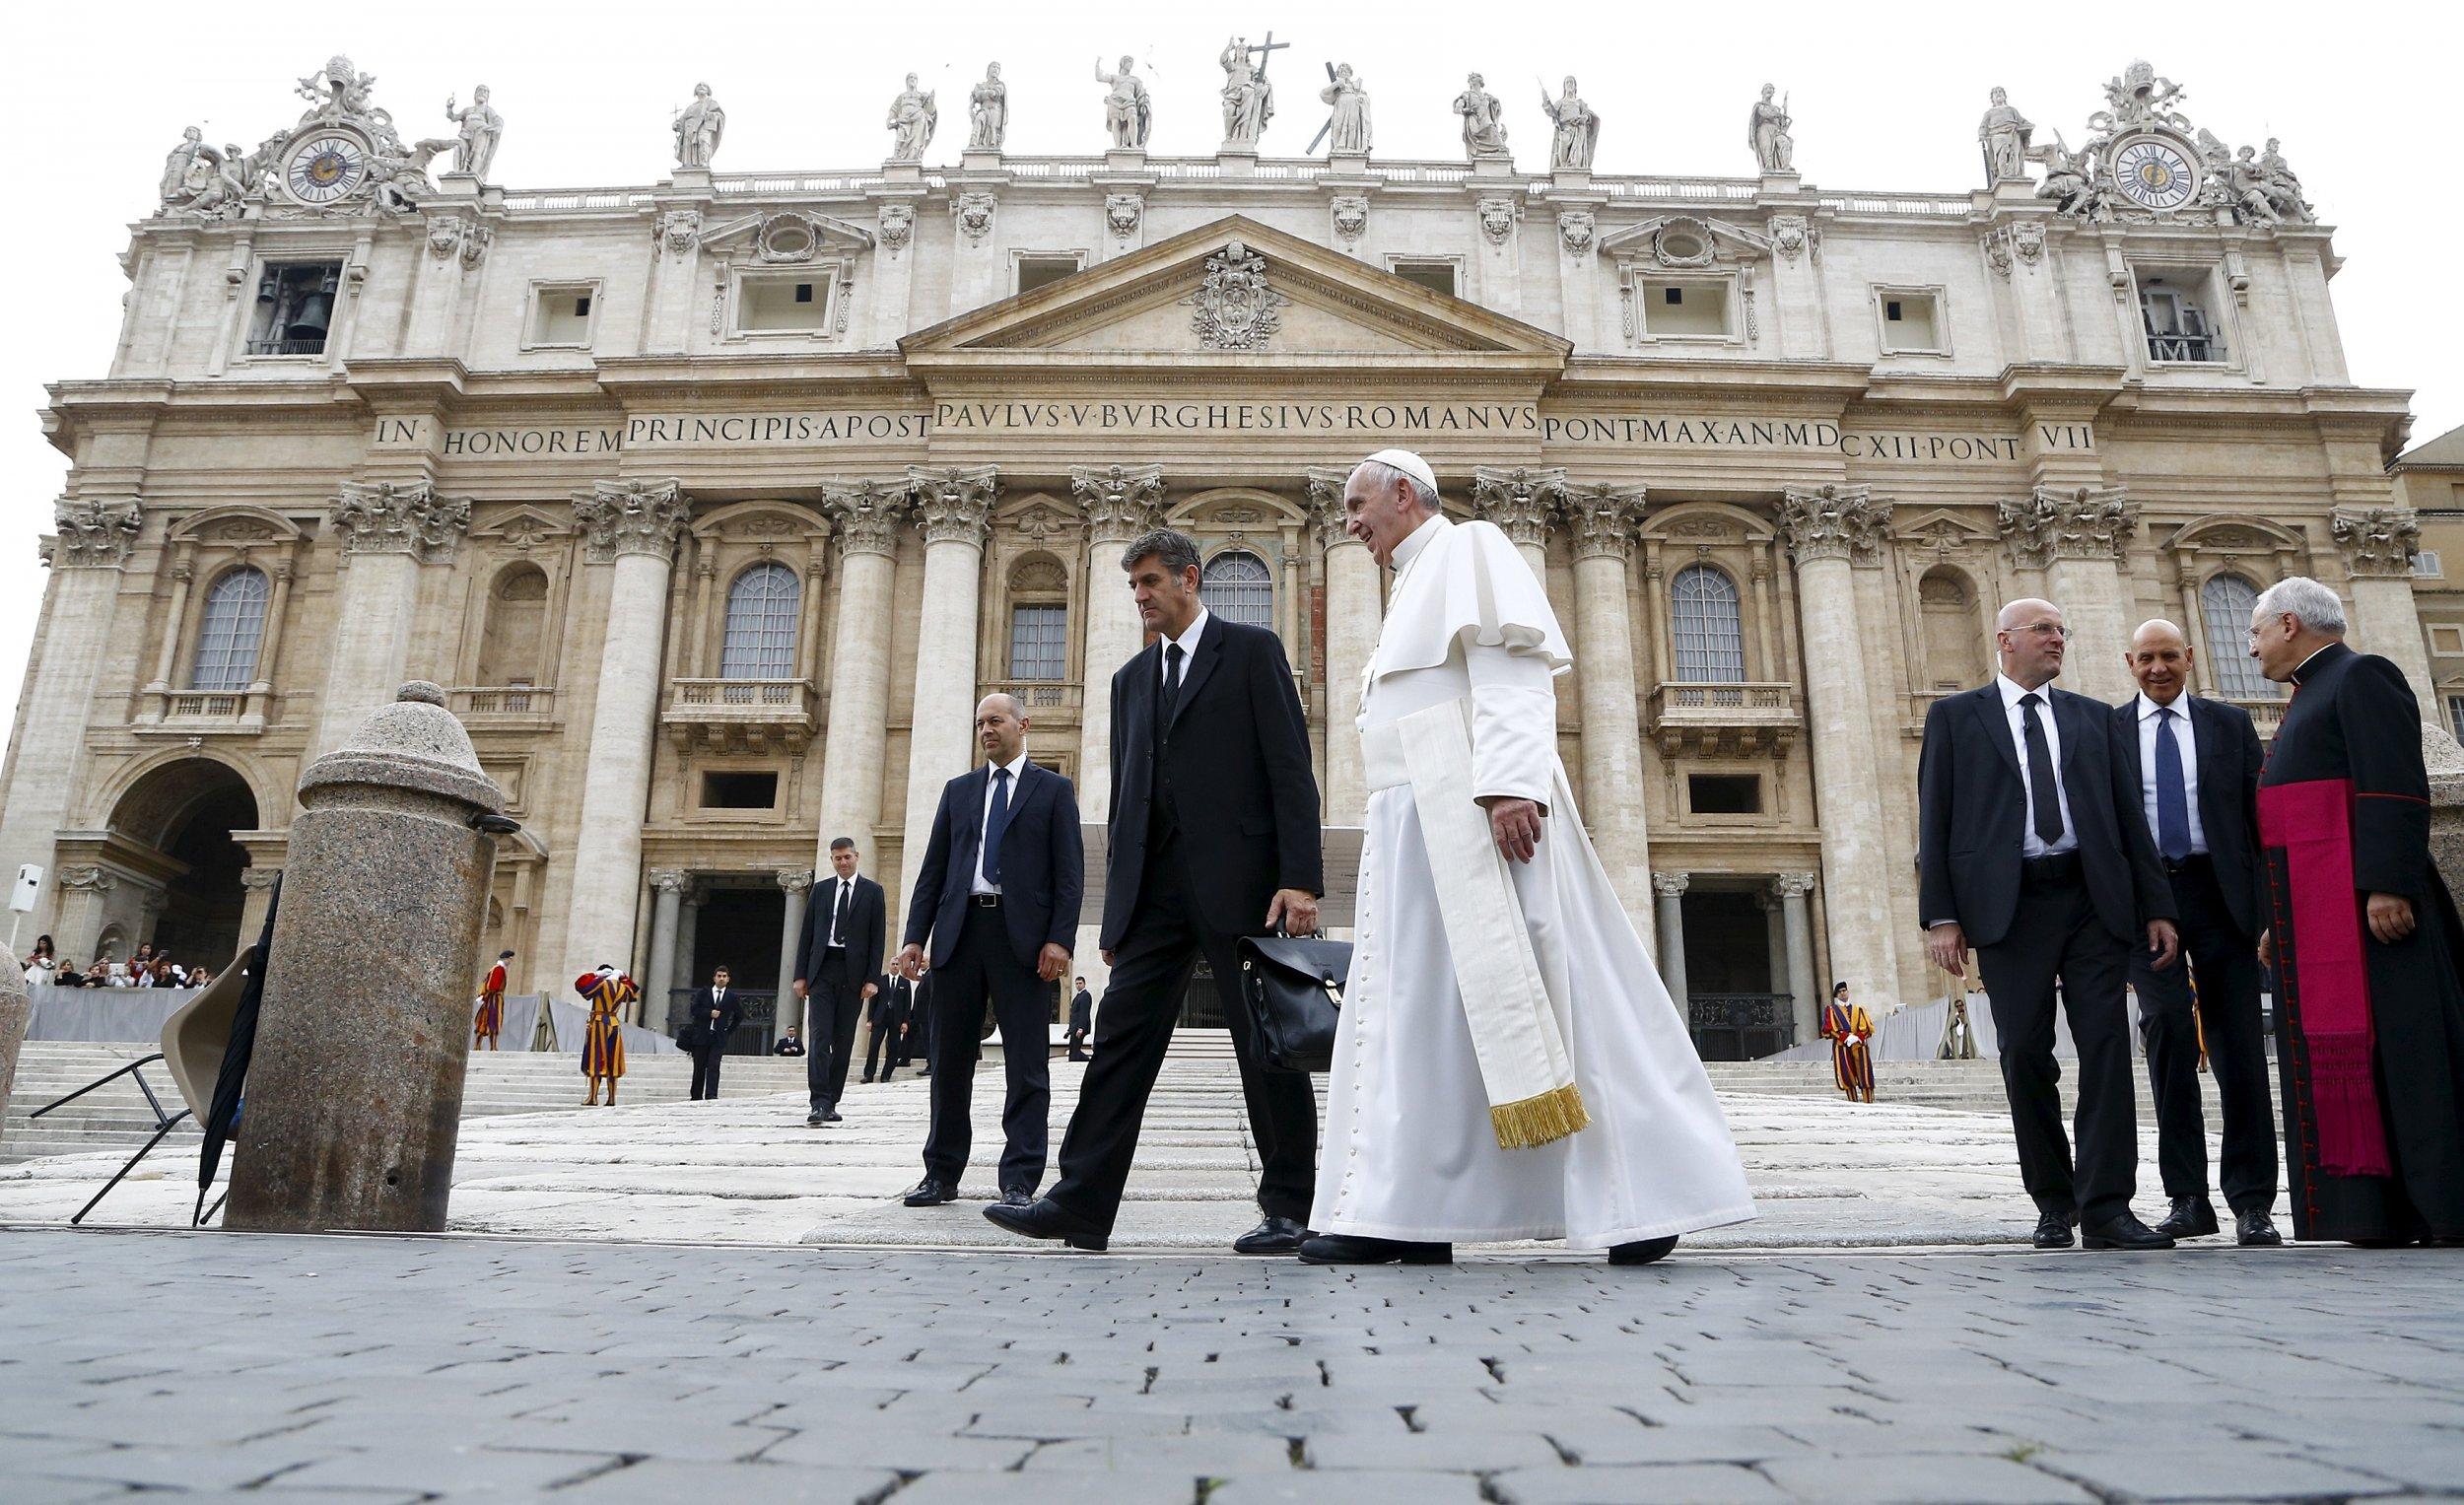 1102_Vatican_arrests_01